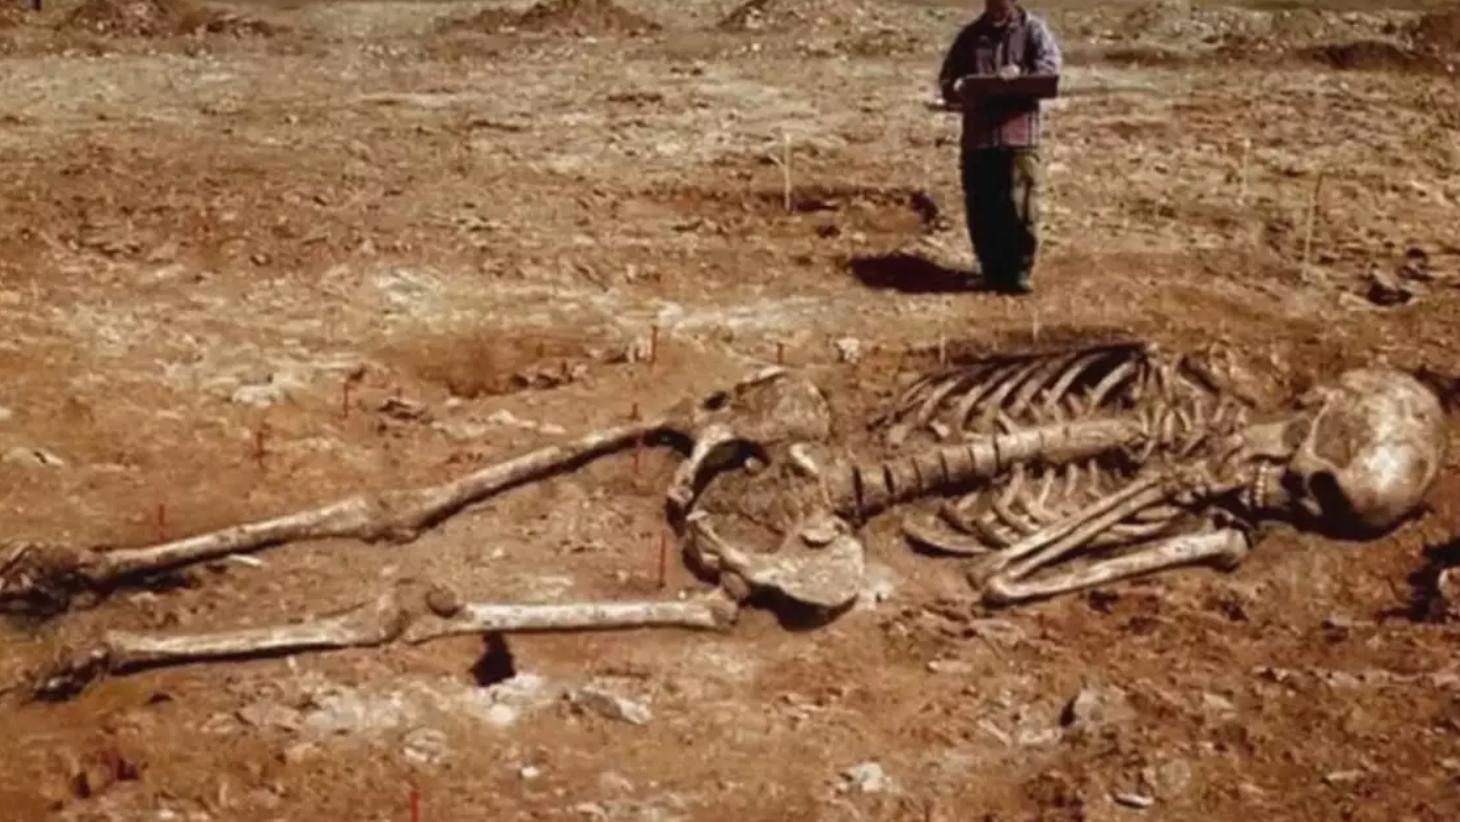 """Az """"óriások csontvázaira bukkantak"""" szavakat beírva a Google-ba meglepődhetünk, hogy mennyi magyar nyelvű találatot ad fel a kereső. A legtöbb hivatkozás török, görög, indiai vagy iráni ásatások helyszíneként jelöli ezeket a képeket."""